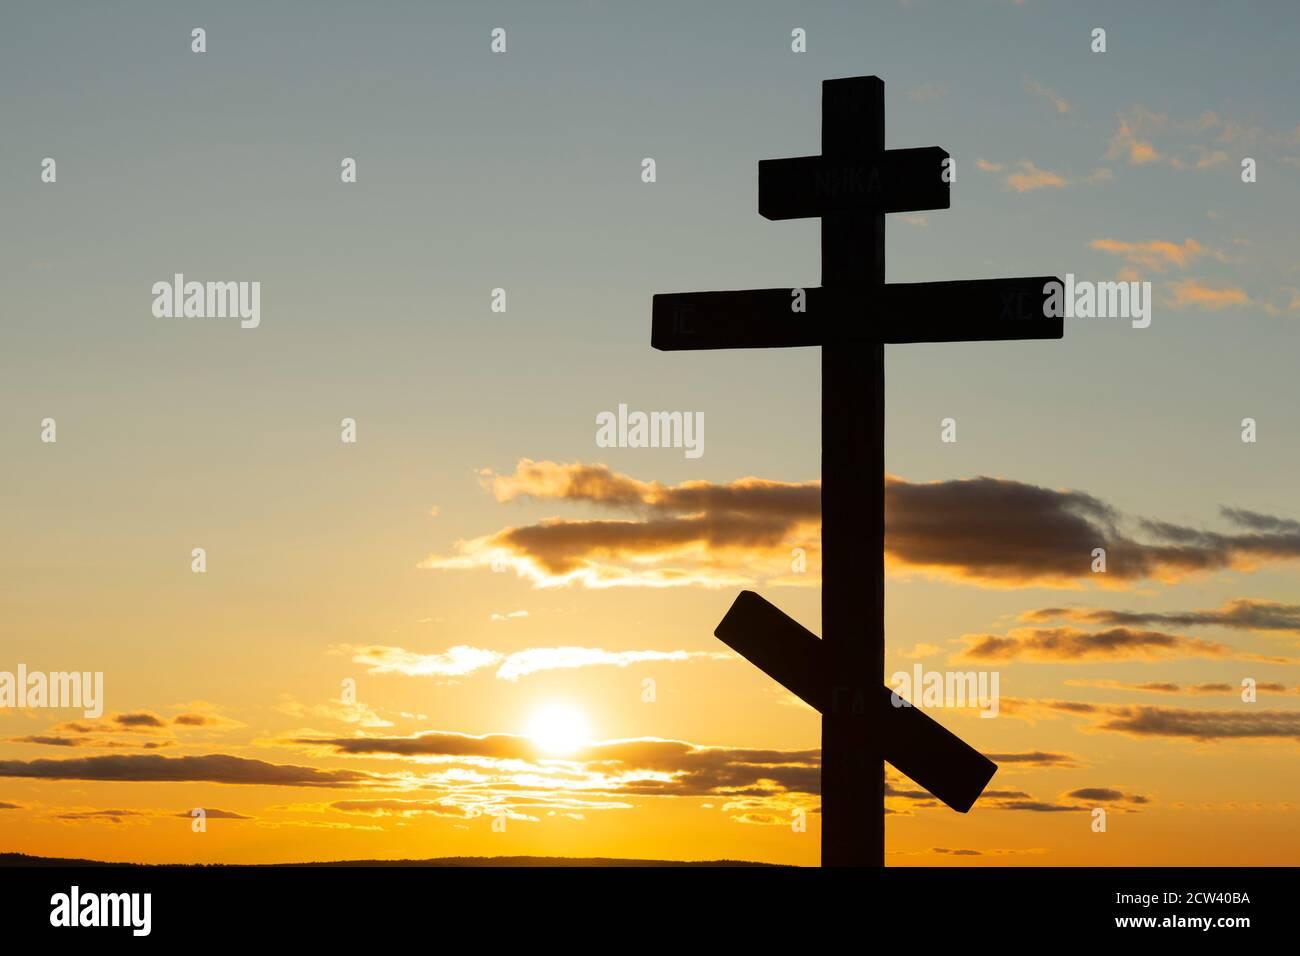 Les orthodoxes se croisent dans les rayons de soleil du coucher du soleil. Foi et concept de foi. Moment spirituel Banque D'Images